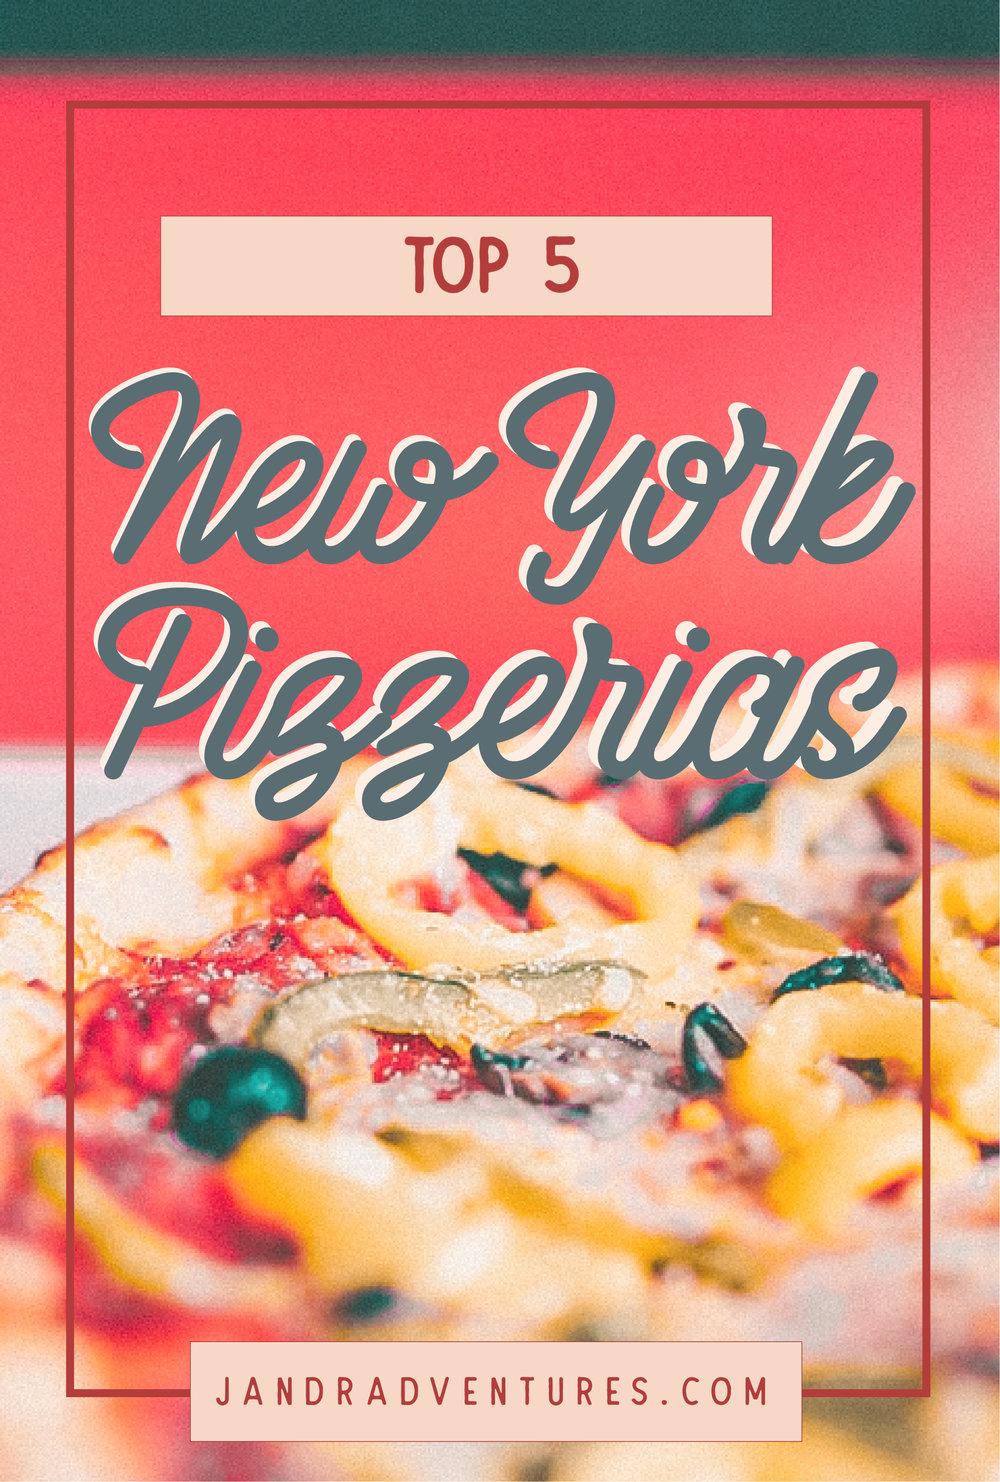 top 5 pizzerias.jpg